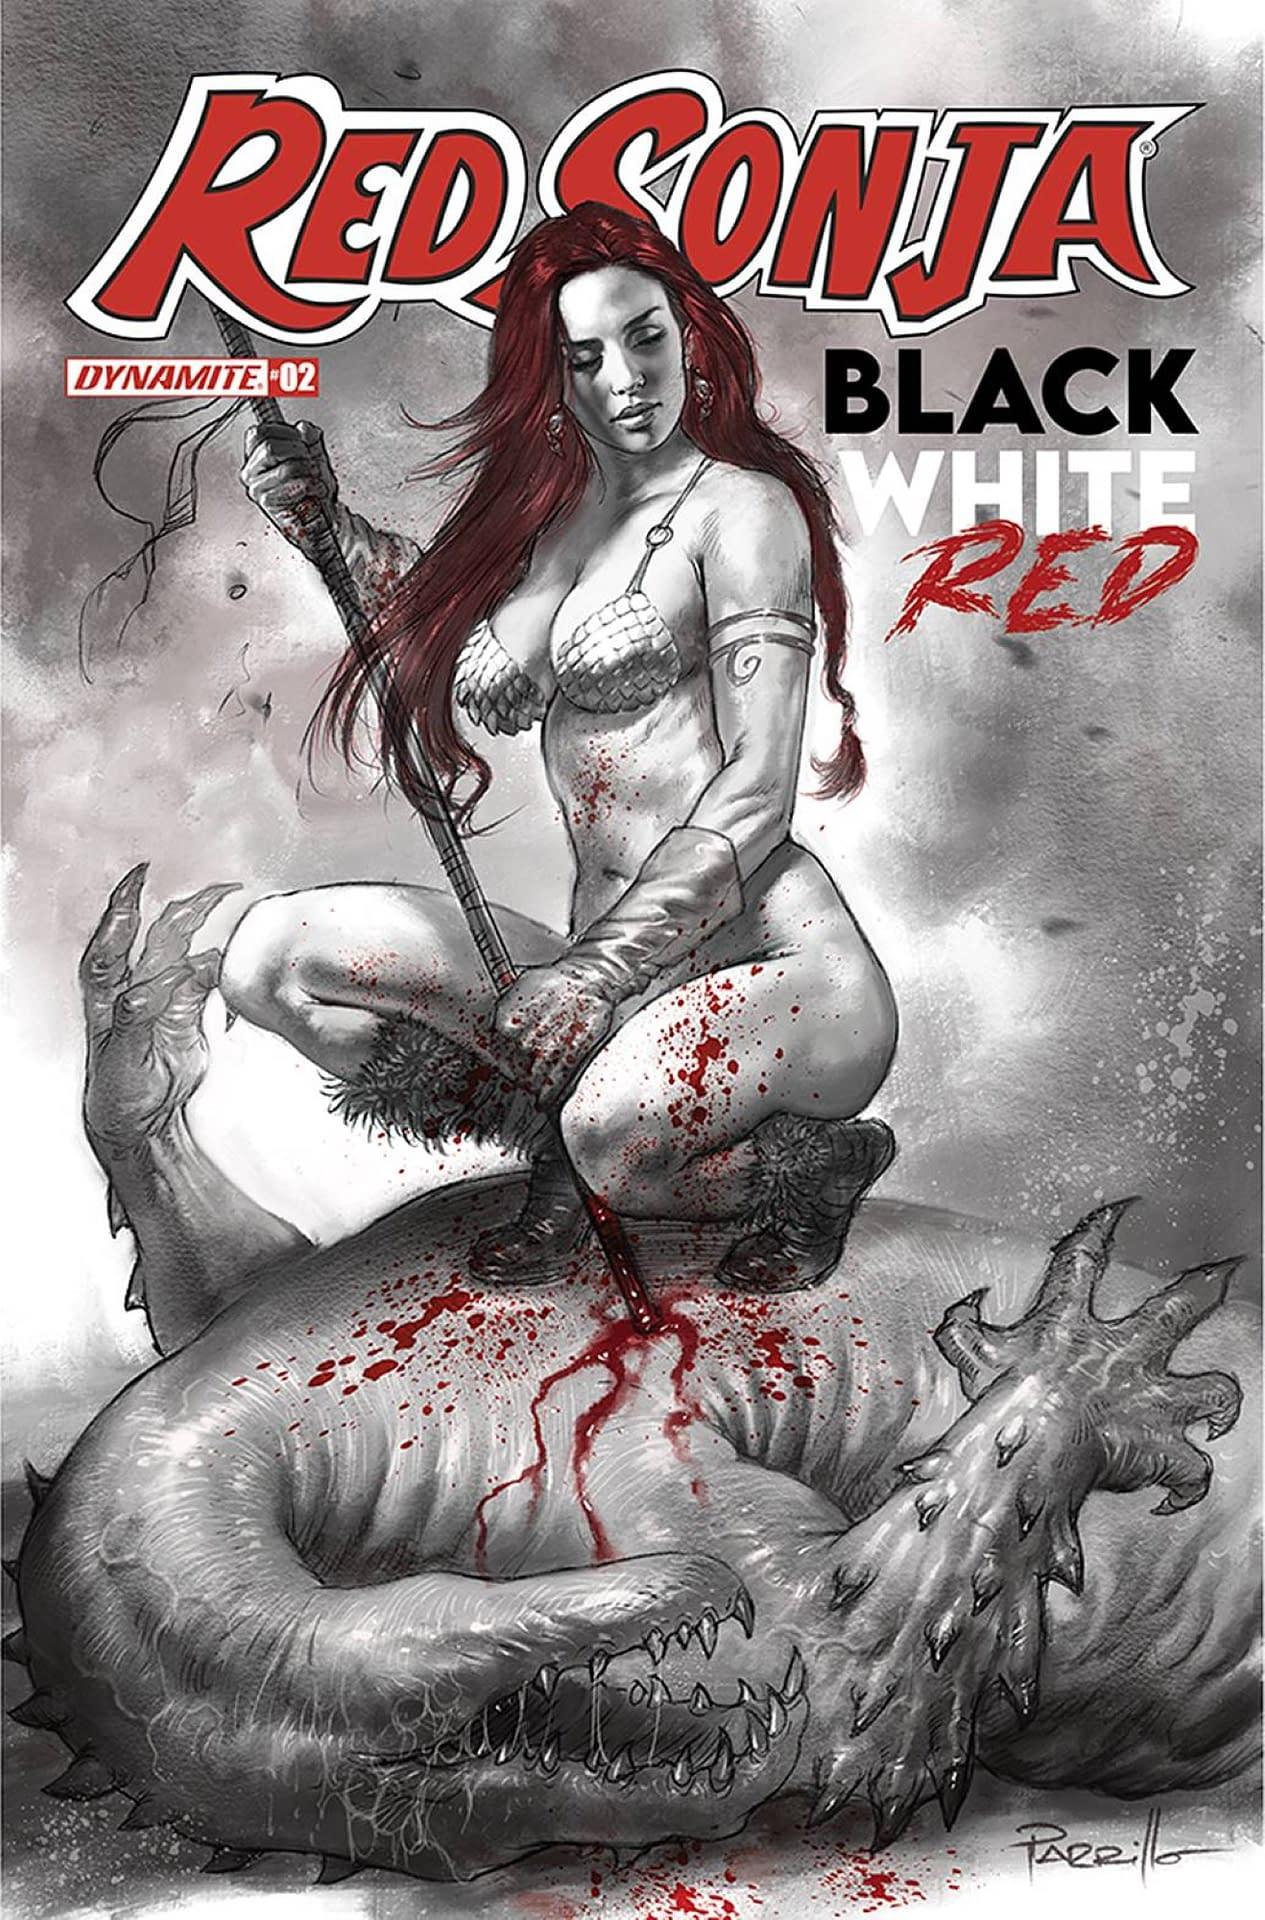 RED SONJA BLACK WHITE RED #2 CVR A PARRILLO